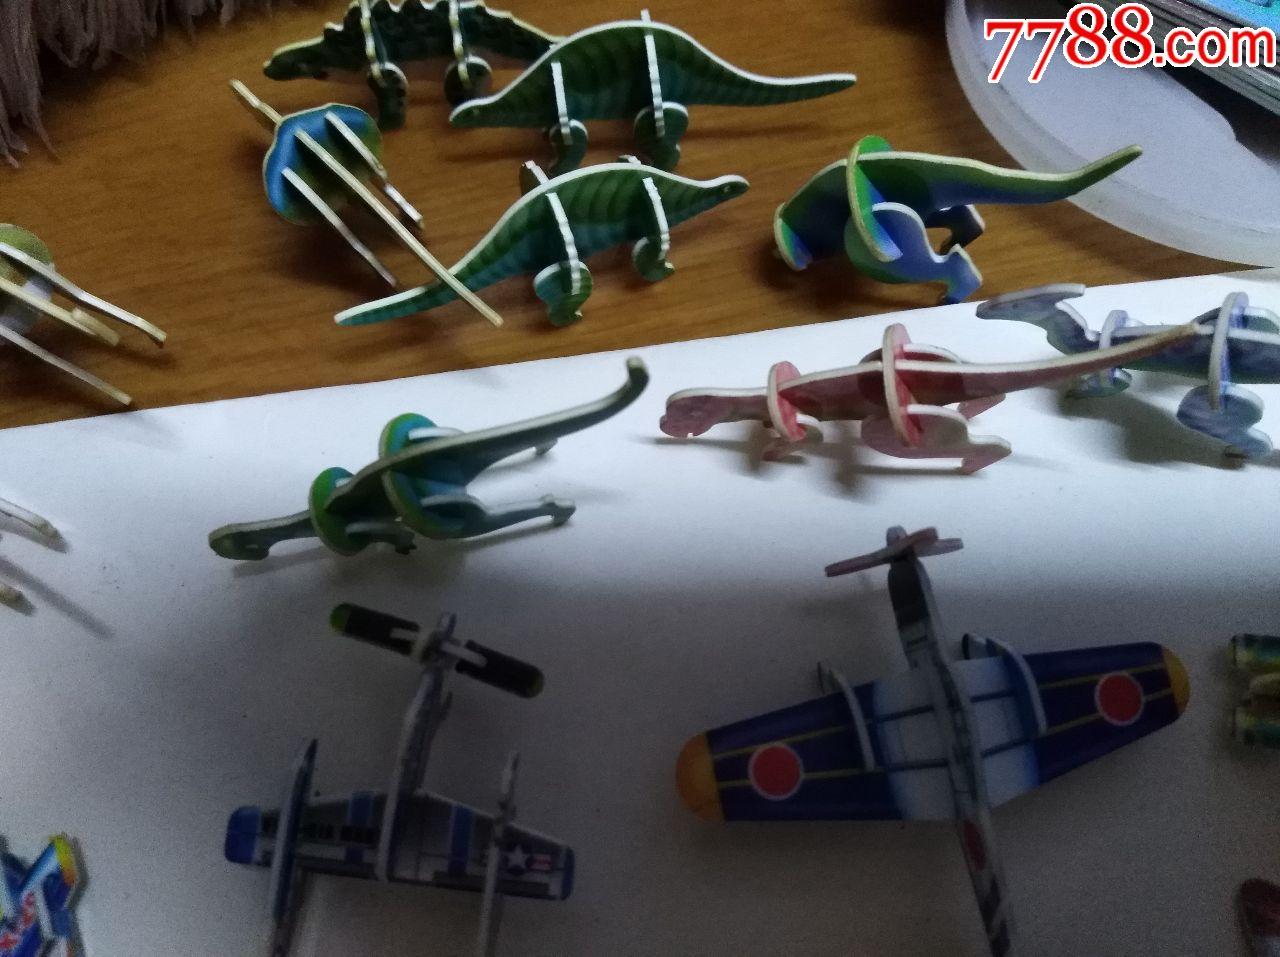 小灵龙飞机卡叠成的恐龙玩具,玩具,小车,变形金刚等一中班教案《数学图形找家》娃娃图片